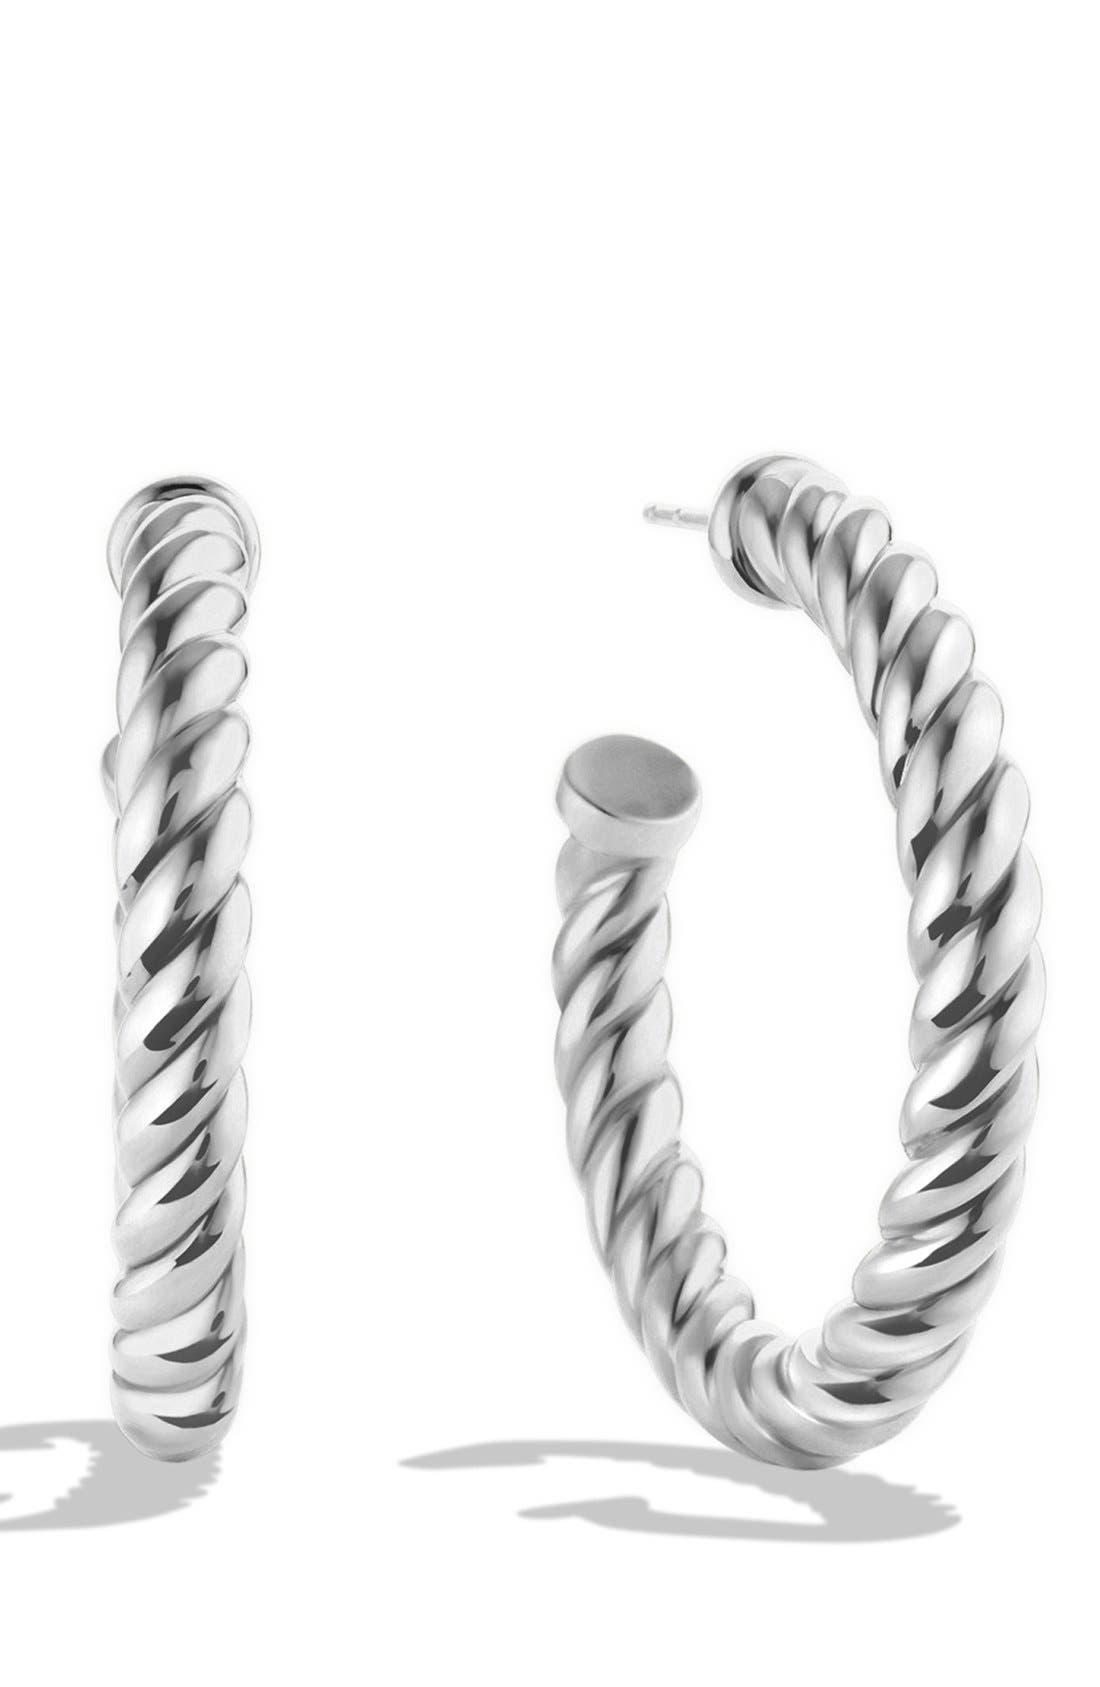 DAVID YURMAN, 'Cable Classics' Hoop Earrings, Main thumbnail 1, color, SILVER